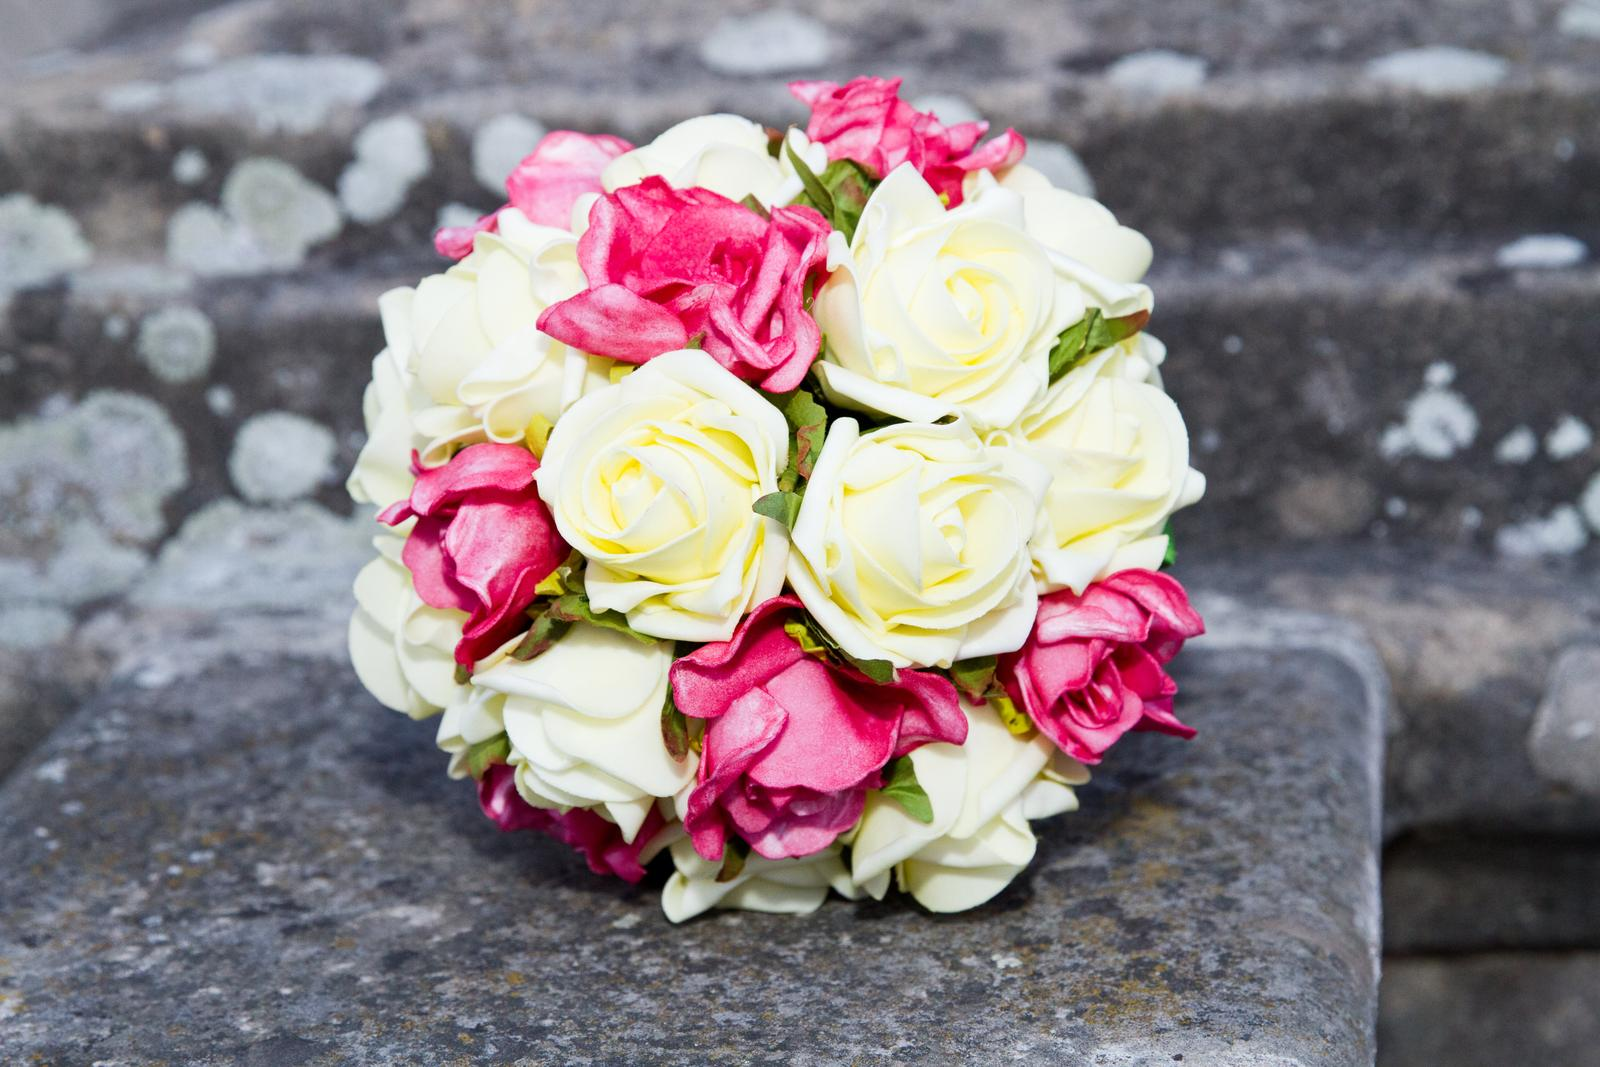 5421a36c1 Svadobná kytica z cyklaménovo-bežových ruží, - 33 €   Svadobný bazár    Mojasvadba.sk